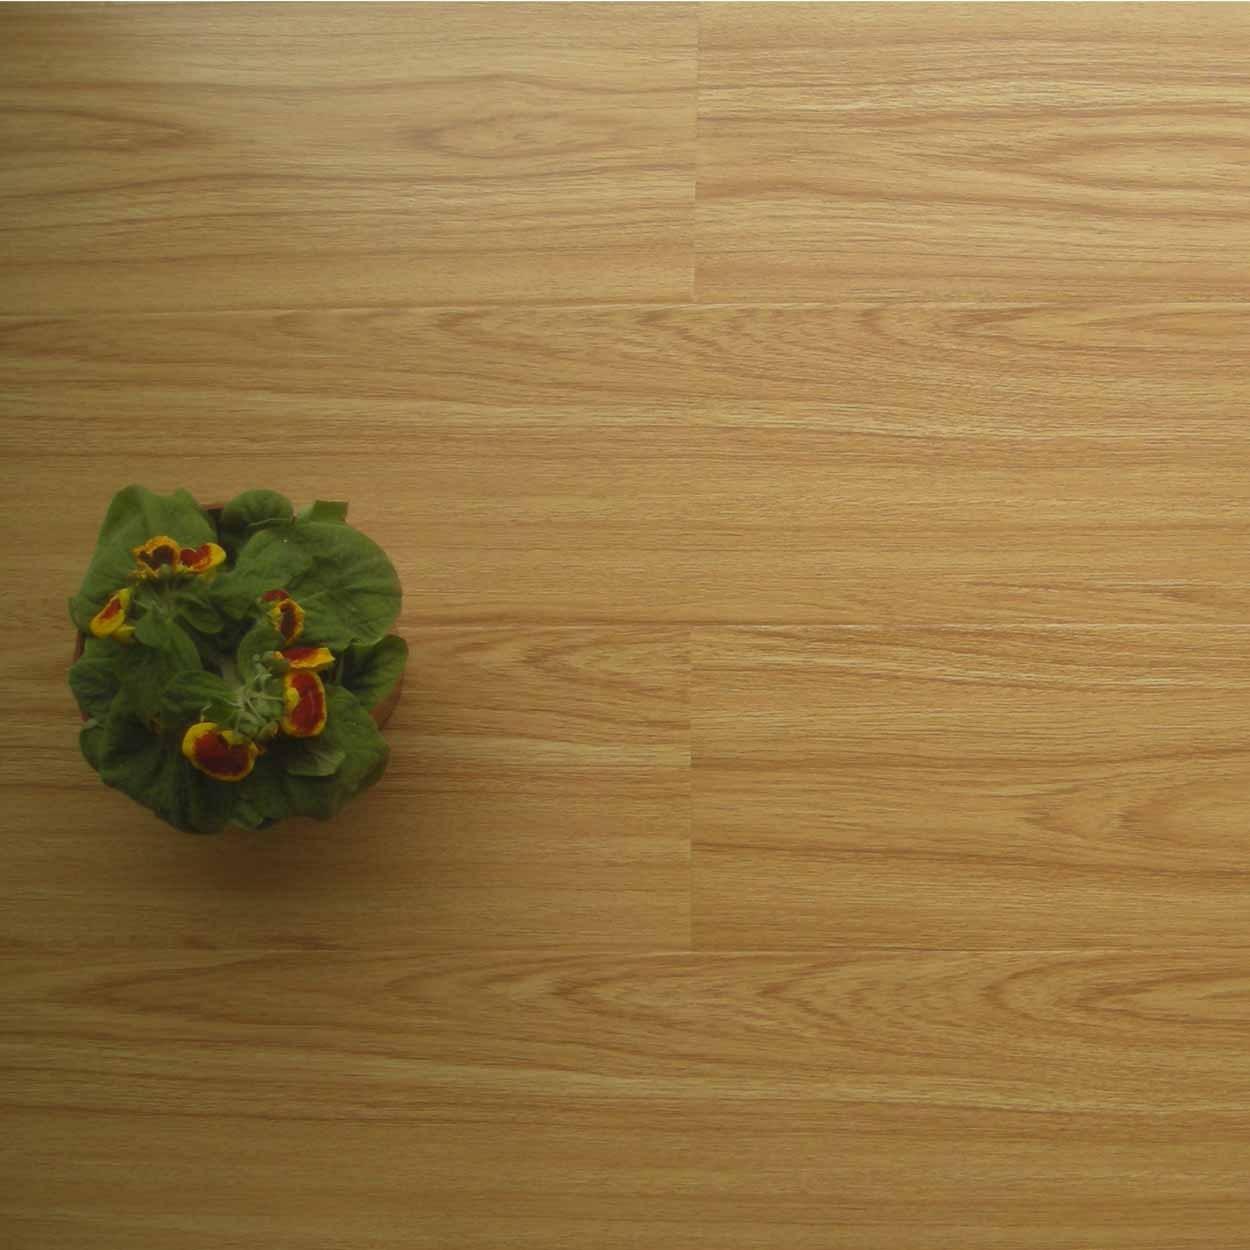 도매 바닥 목재-구매 바닥 목재 많은 중국 물품 바닥 목재 ...